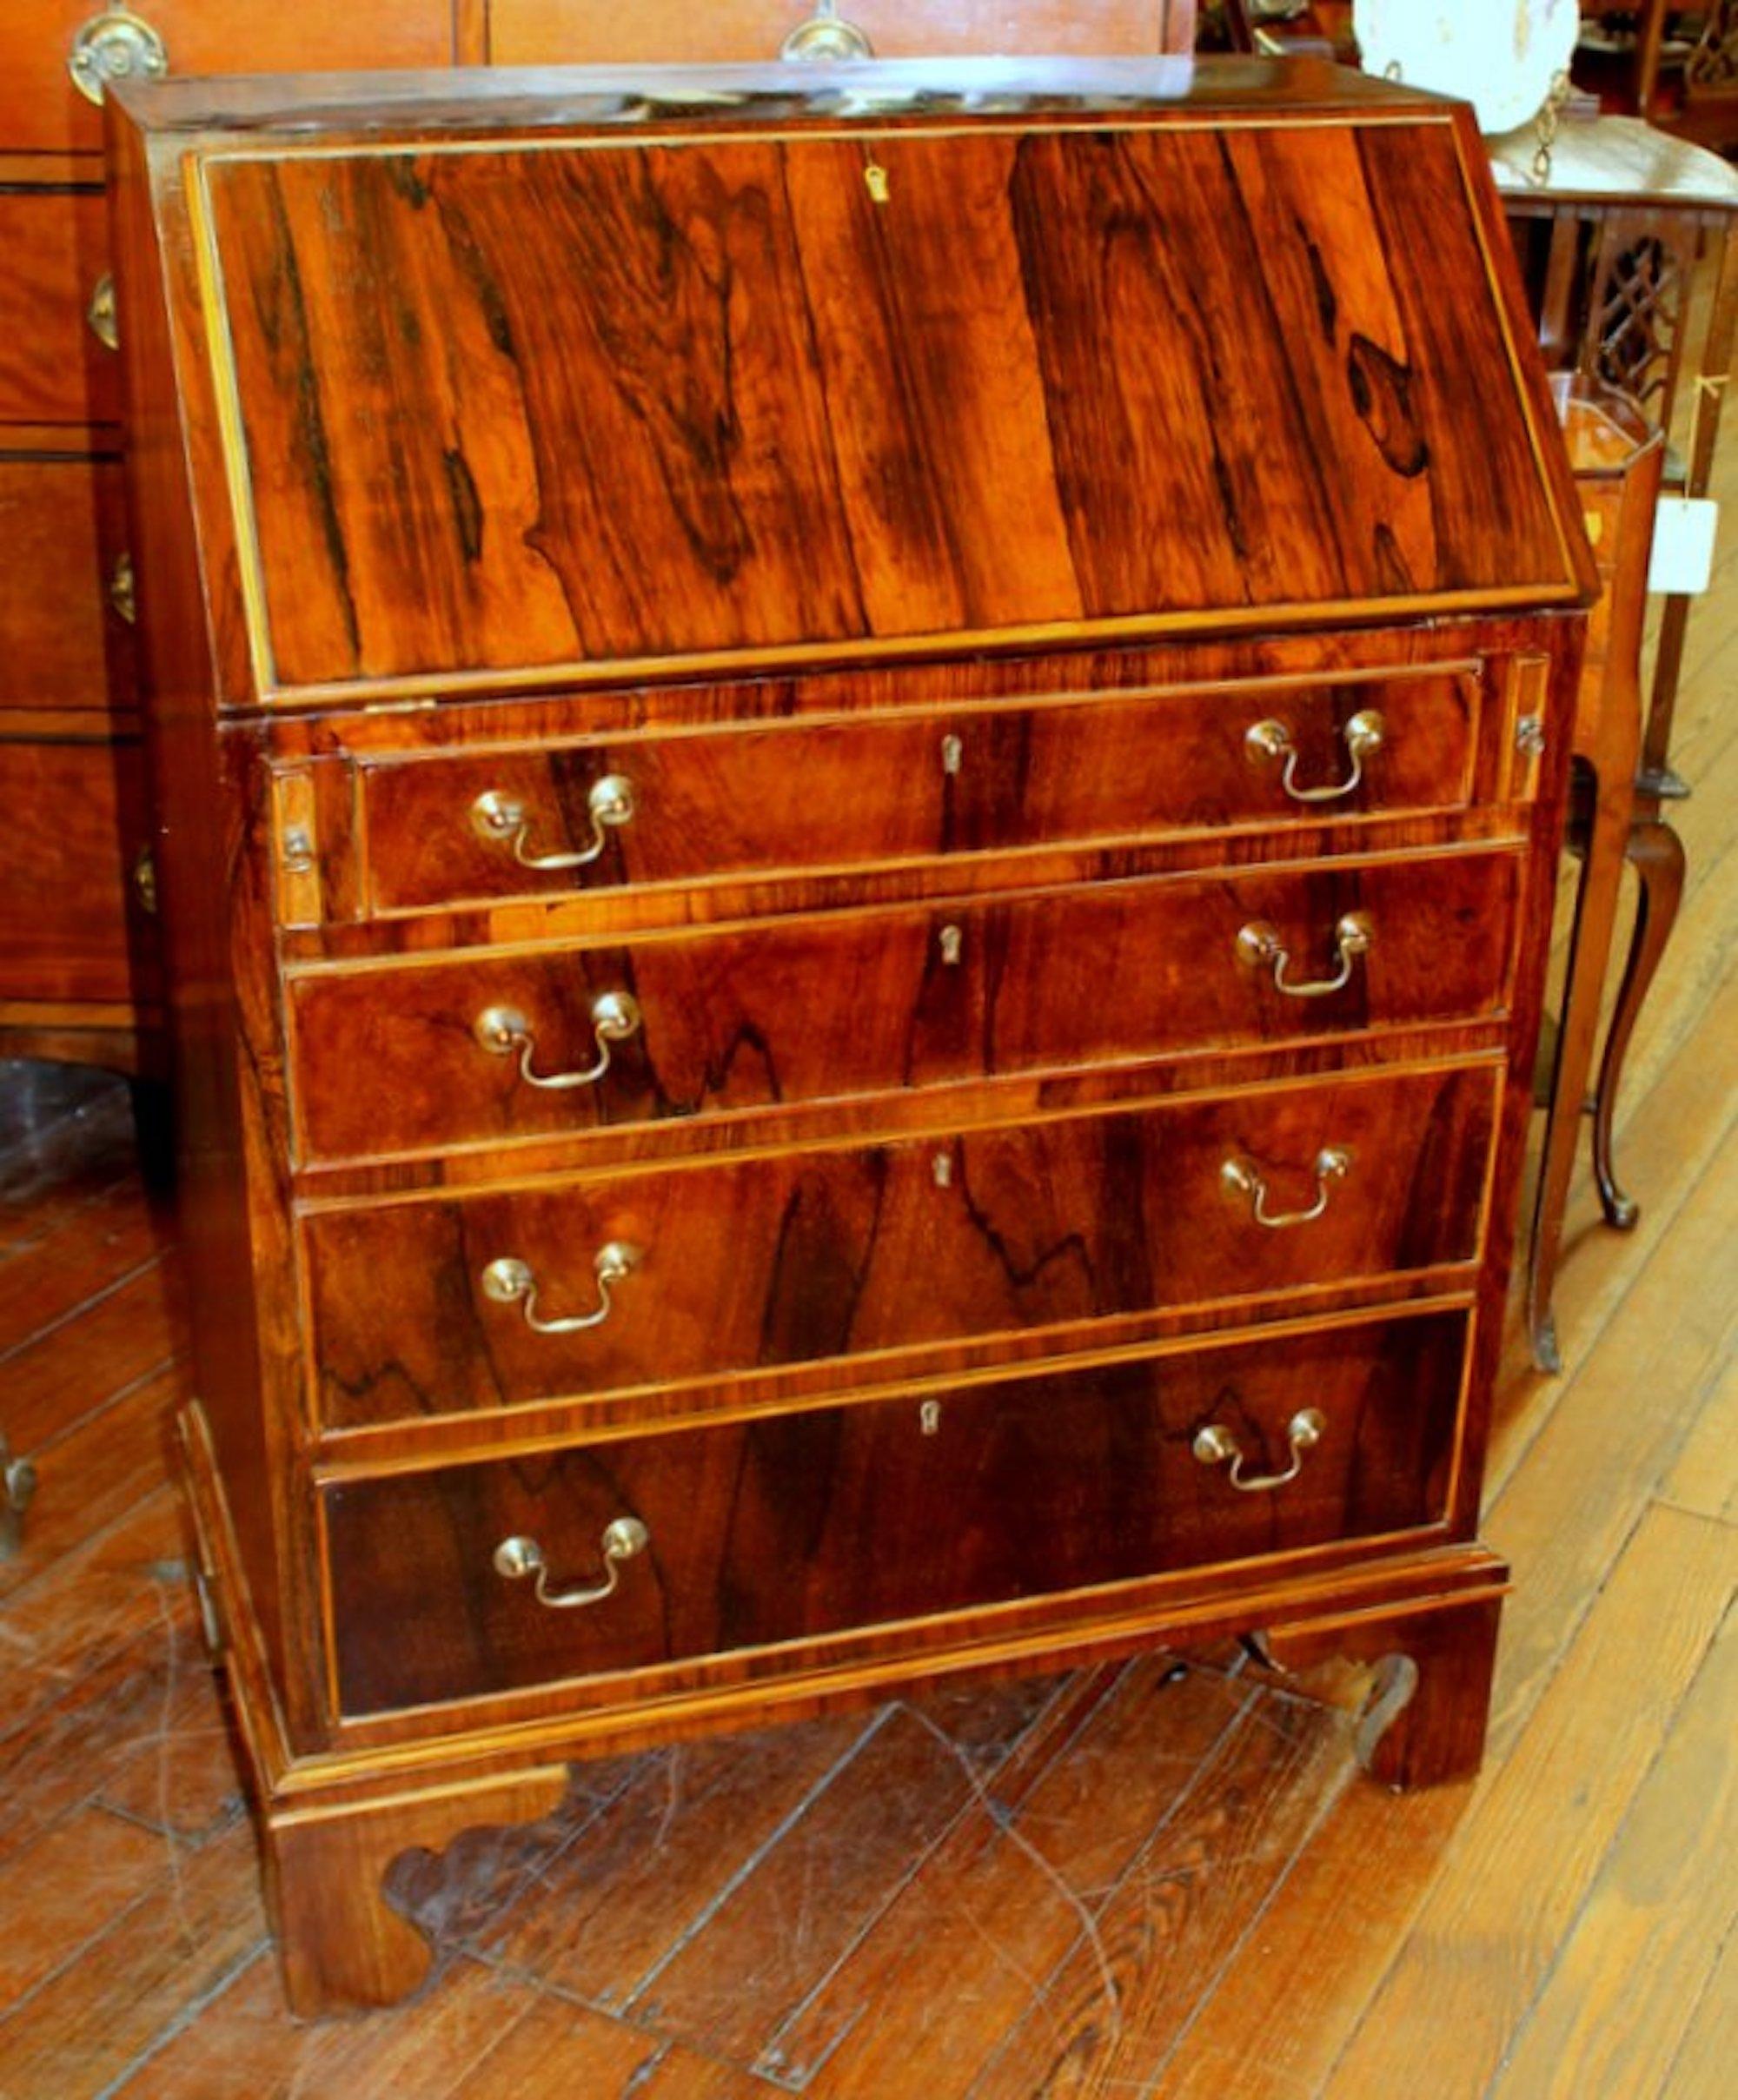 bureau english Antique English Rosewood Diminutive Size Slant-front Bureau